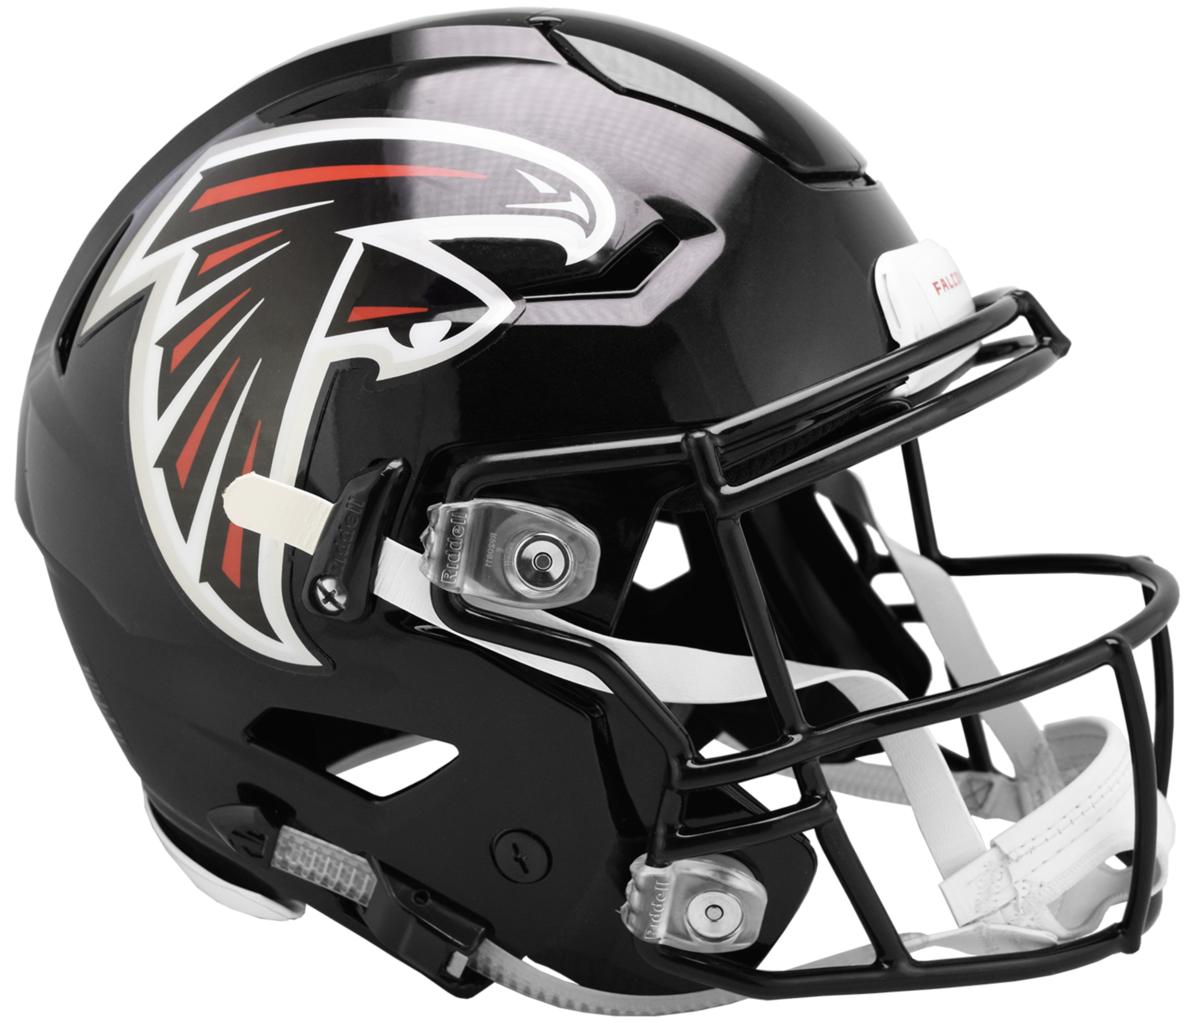 Atlanta Falcons Riddell Speed Replica Helmet 2003 2019 Atlanta Falcons Helmet Falcons Helmet Football Helmets